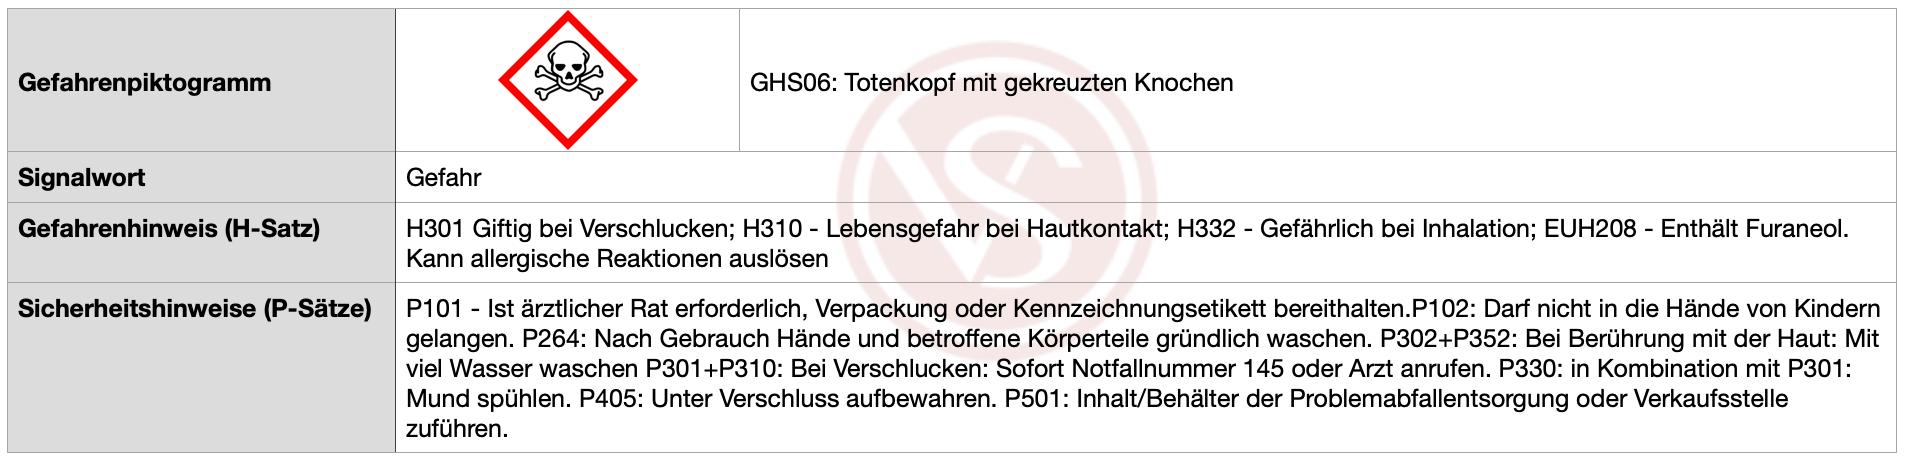 Gefahr_H301_H310_H332_EUH_Furaneol